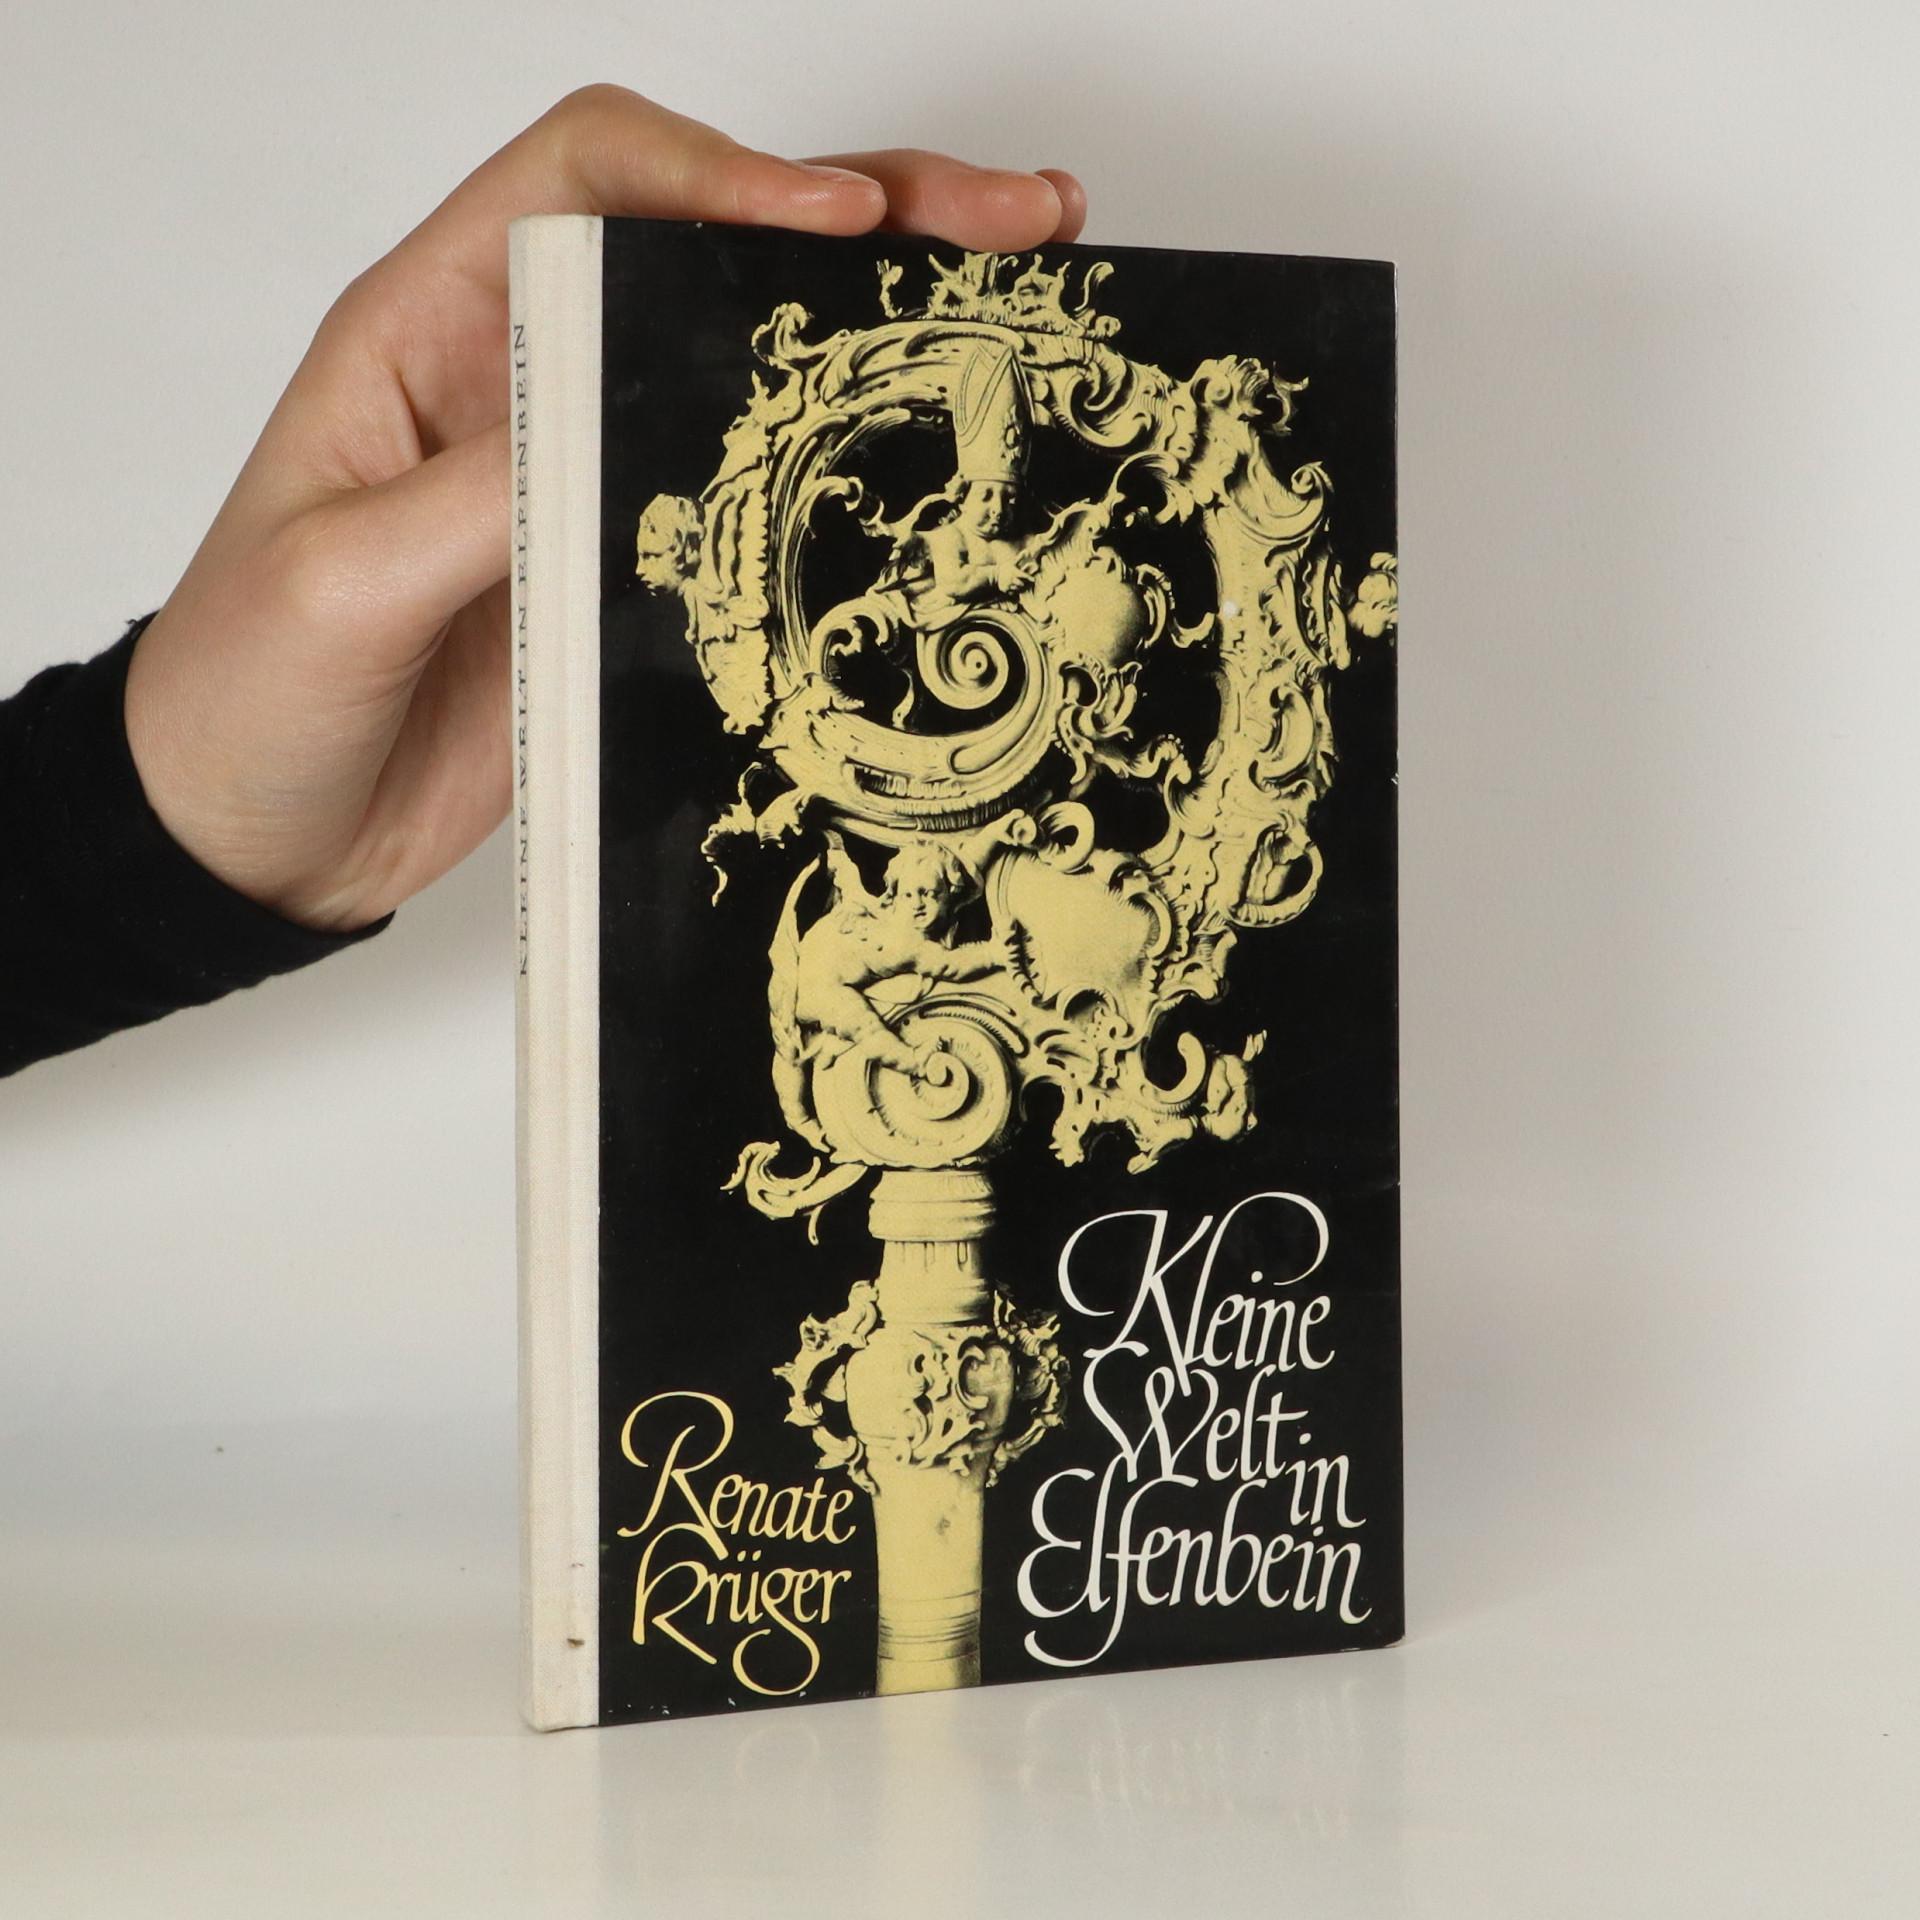 antikvární kniha Kleine Welt in Elfenbein, 1967